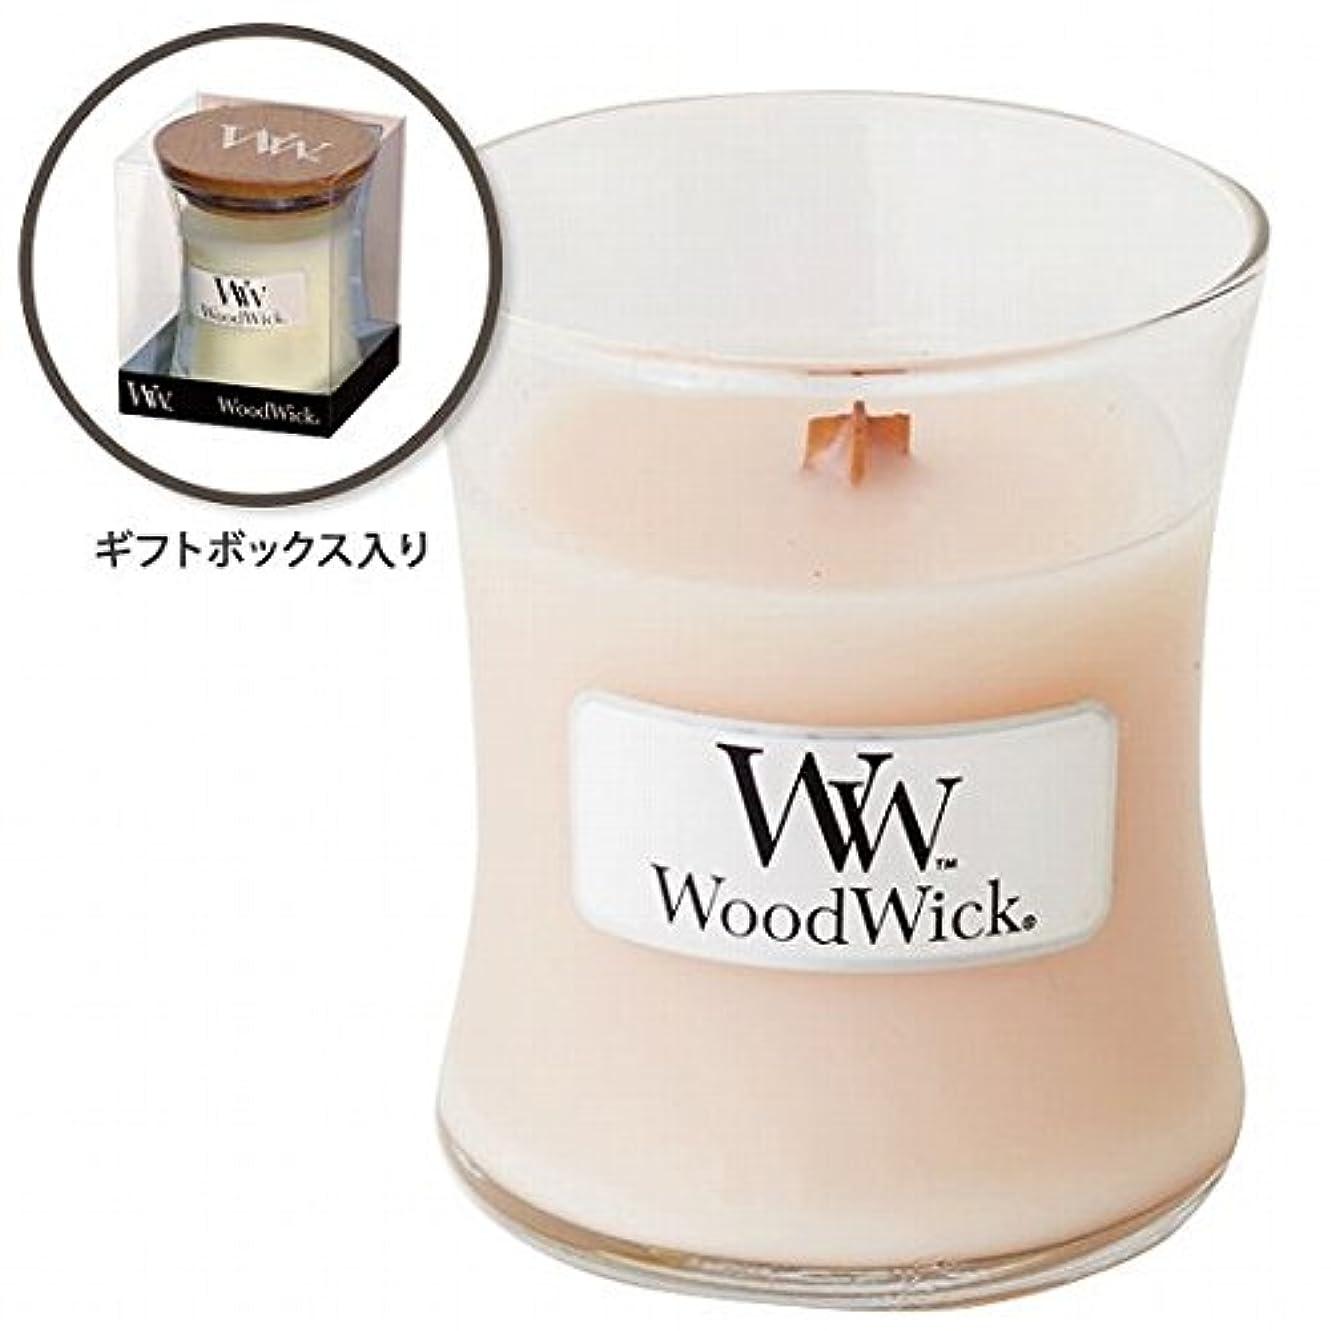 枕マッサージ論争ウッドウィック( WoodWick ) Wood WickジャーS 「コースタルサンセット」